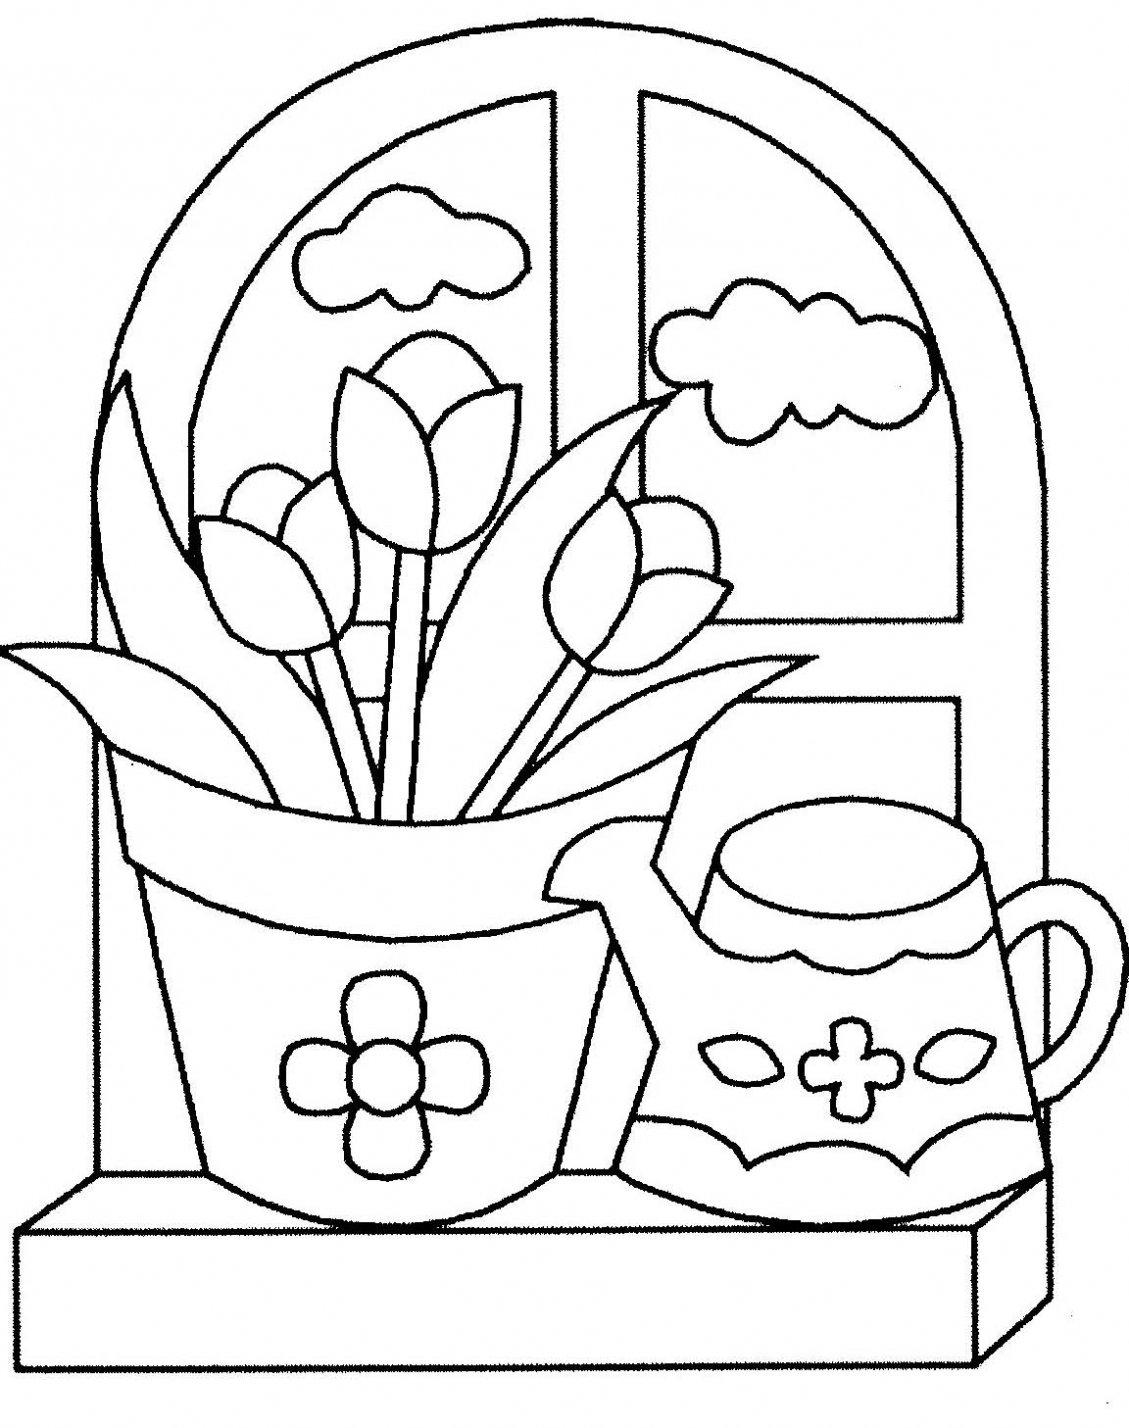 Dibujos de flores para imprimir y colorear para niños - Dibujo Y Pintura